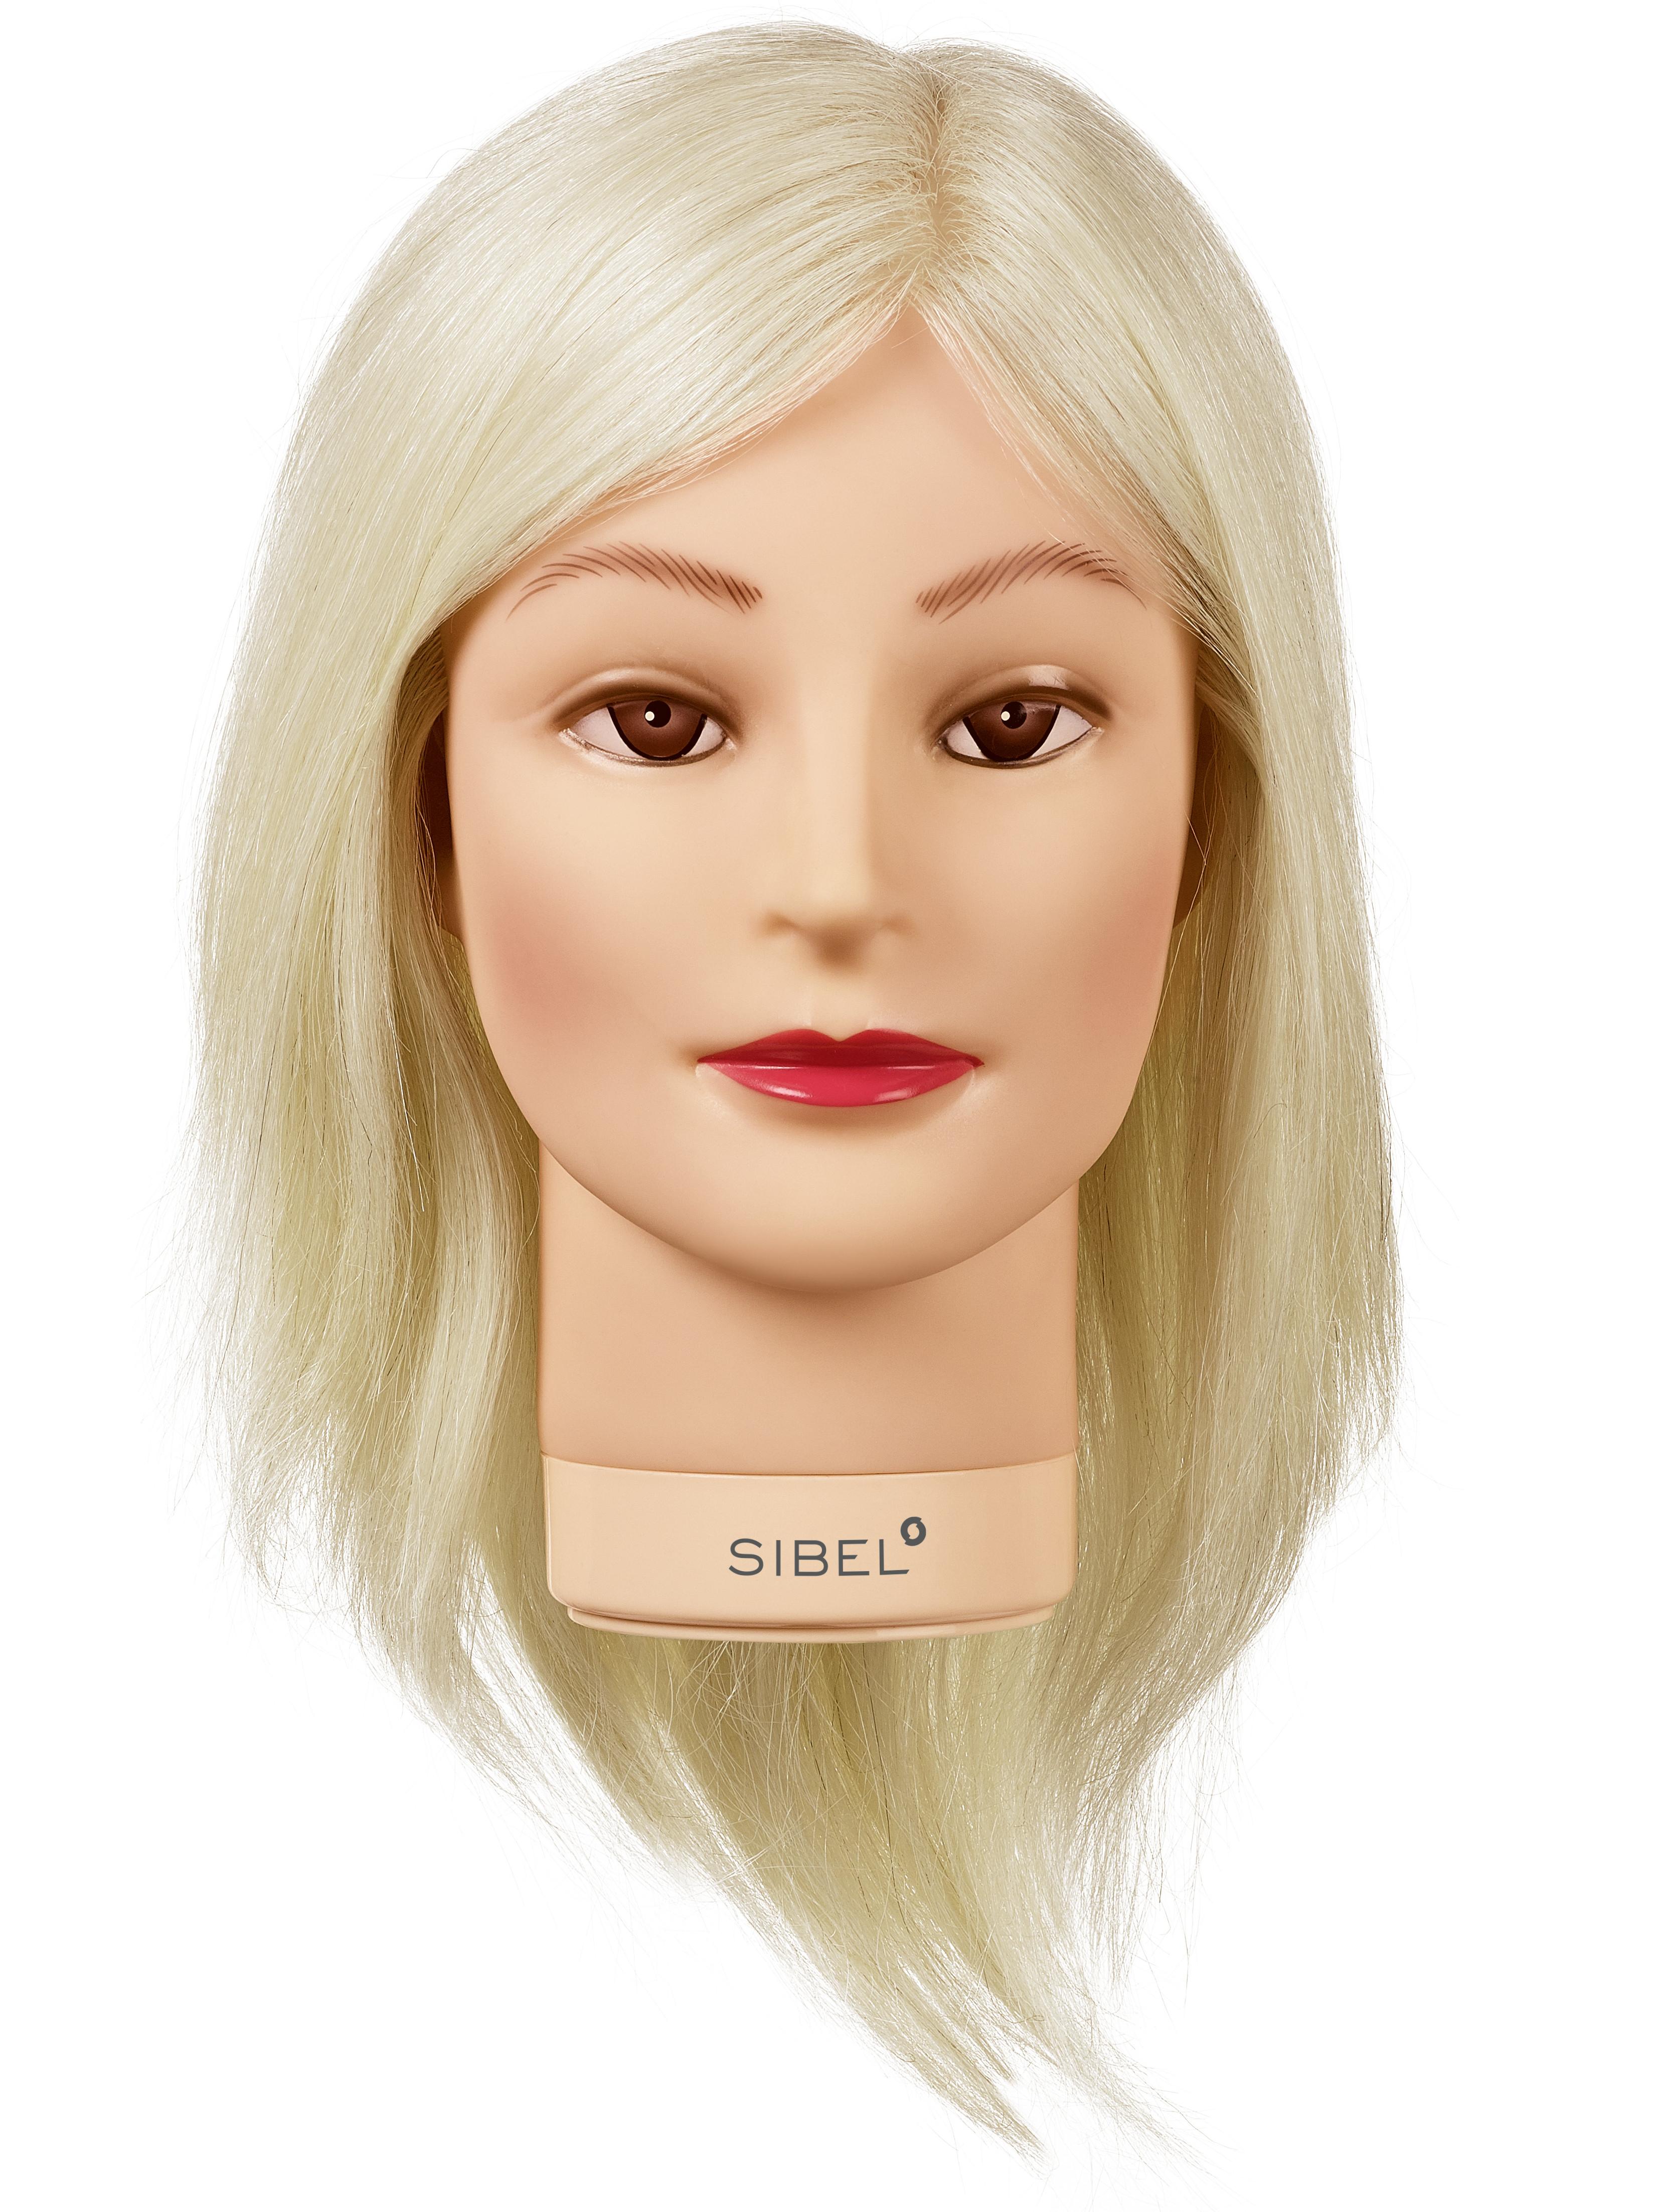 Cvičná hlava dámská s přírodními vlasy BLONDY, Sibel - blond 20 - 30 cm (0040311) + DÁREK ZDARMA